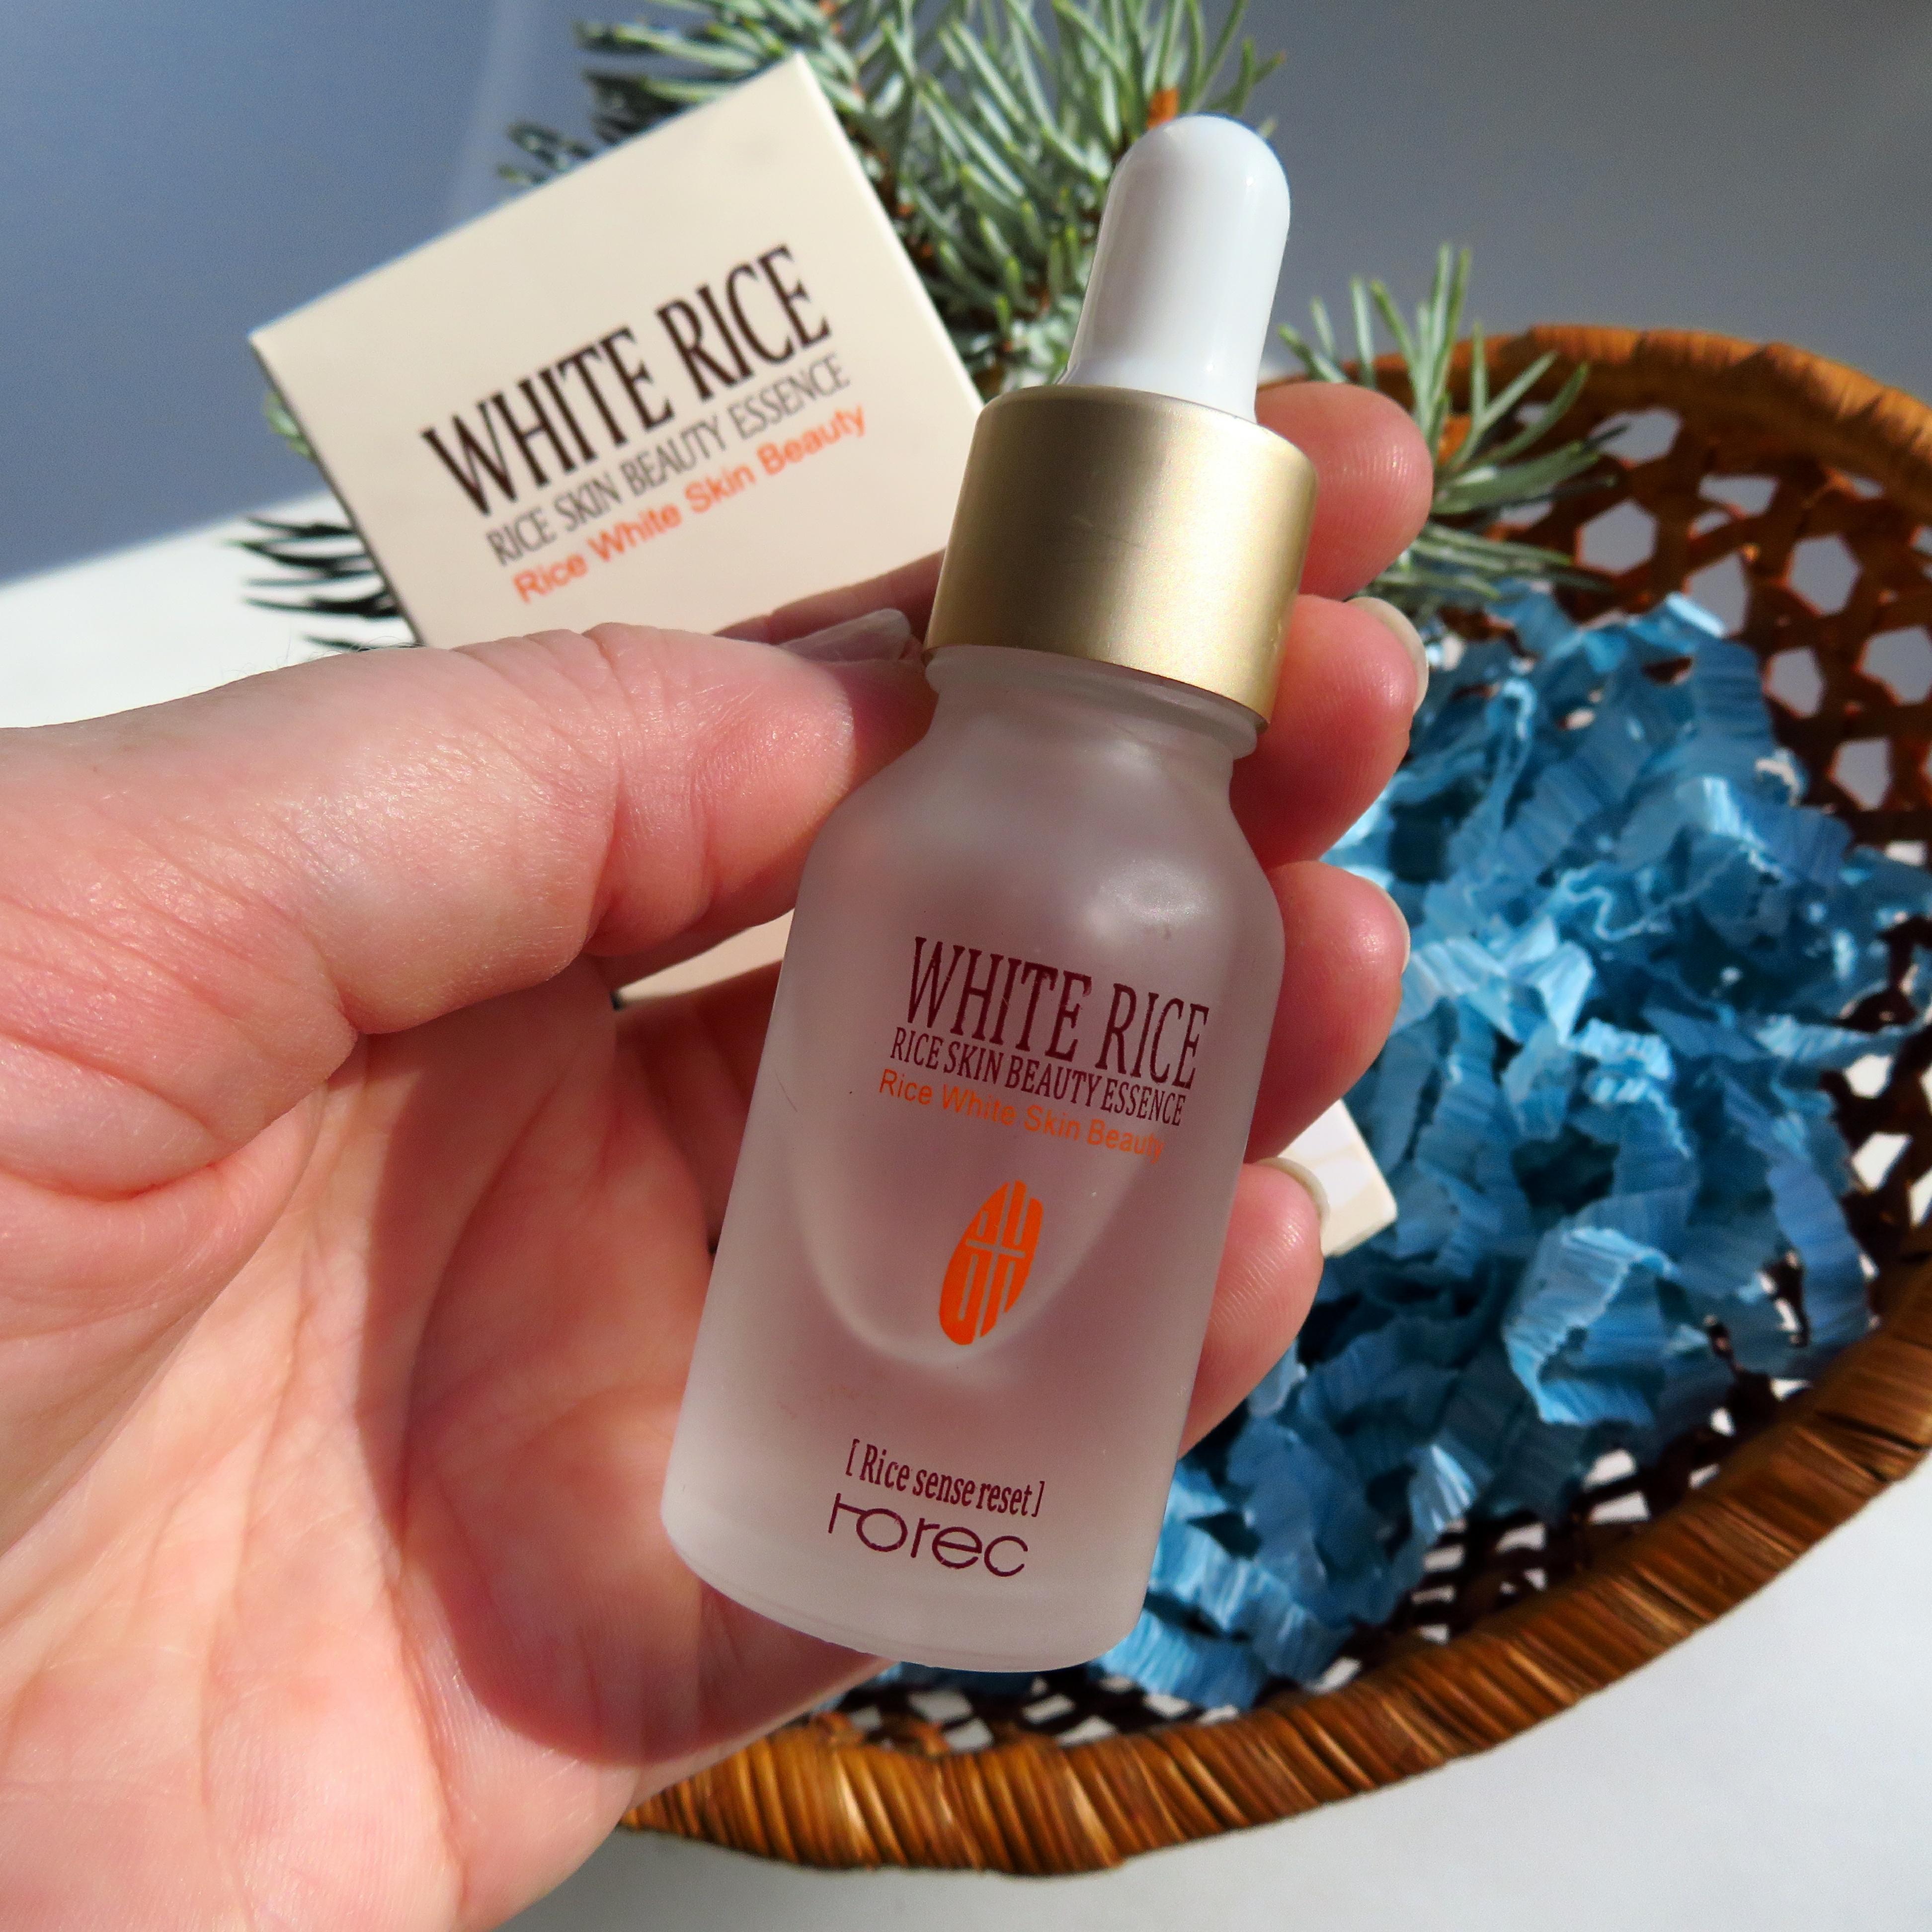 Антивозрастная лифтинг-эссенция с экстрактом белого риса и гиалуроновой кислотой от бренда ROREC